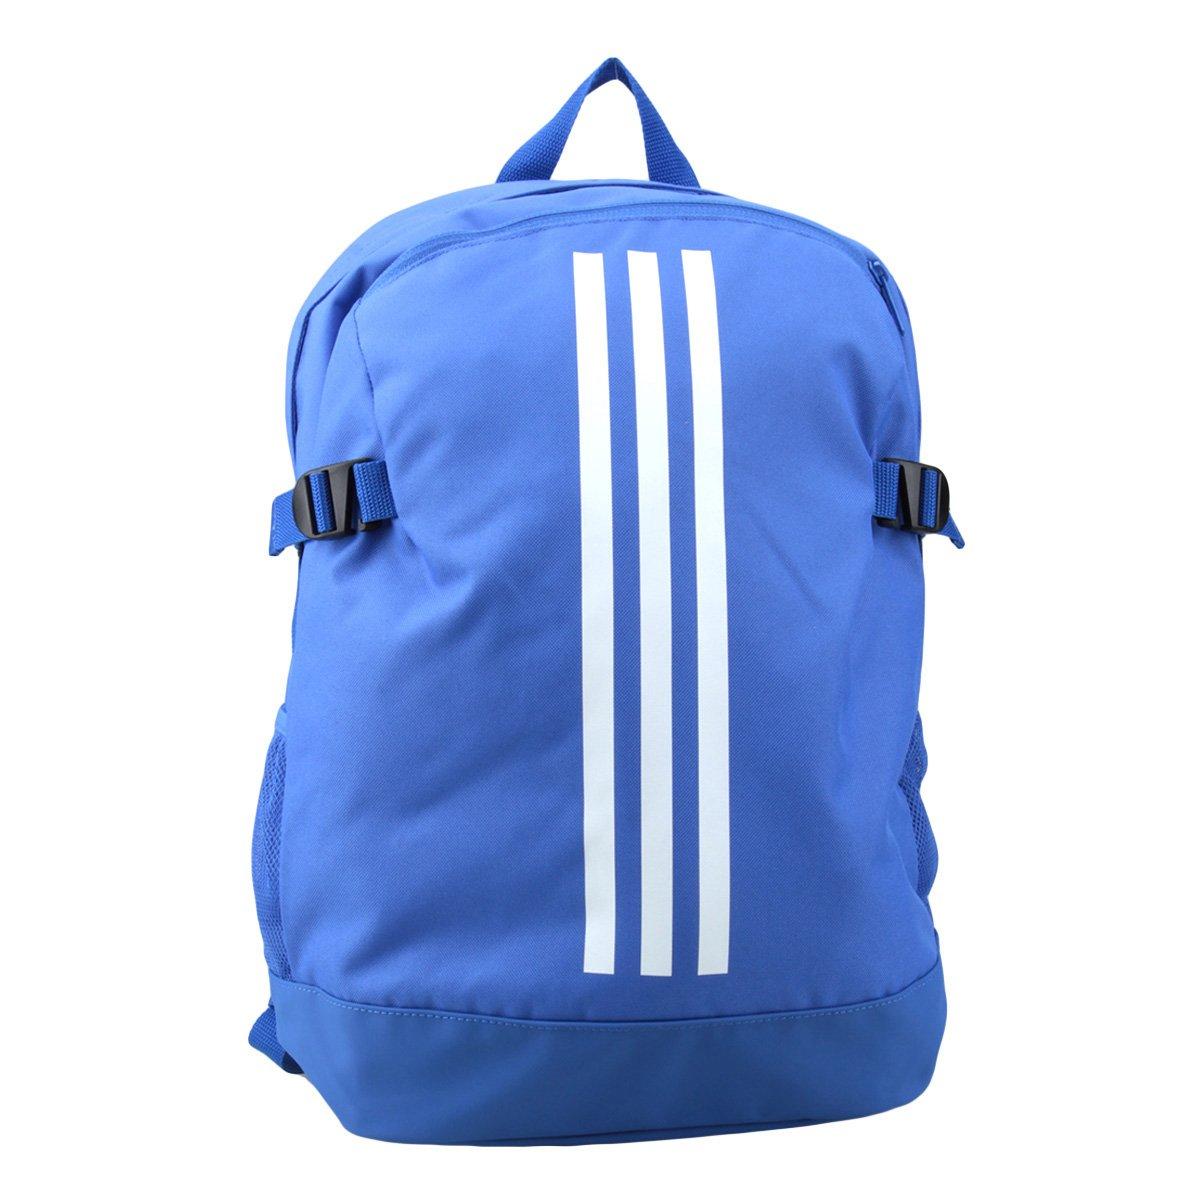 0fabe7439 Mochila Adidas Bp Power Iv